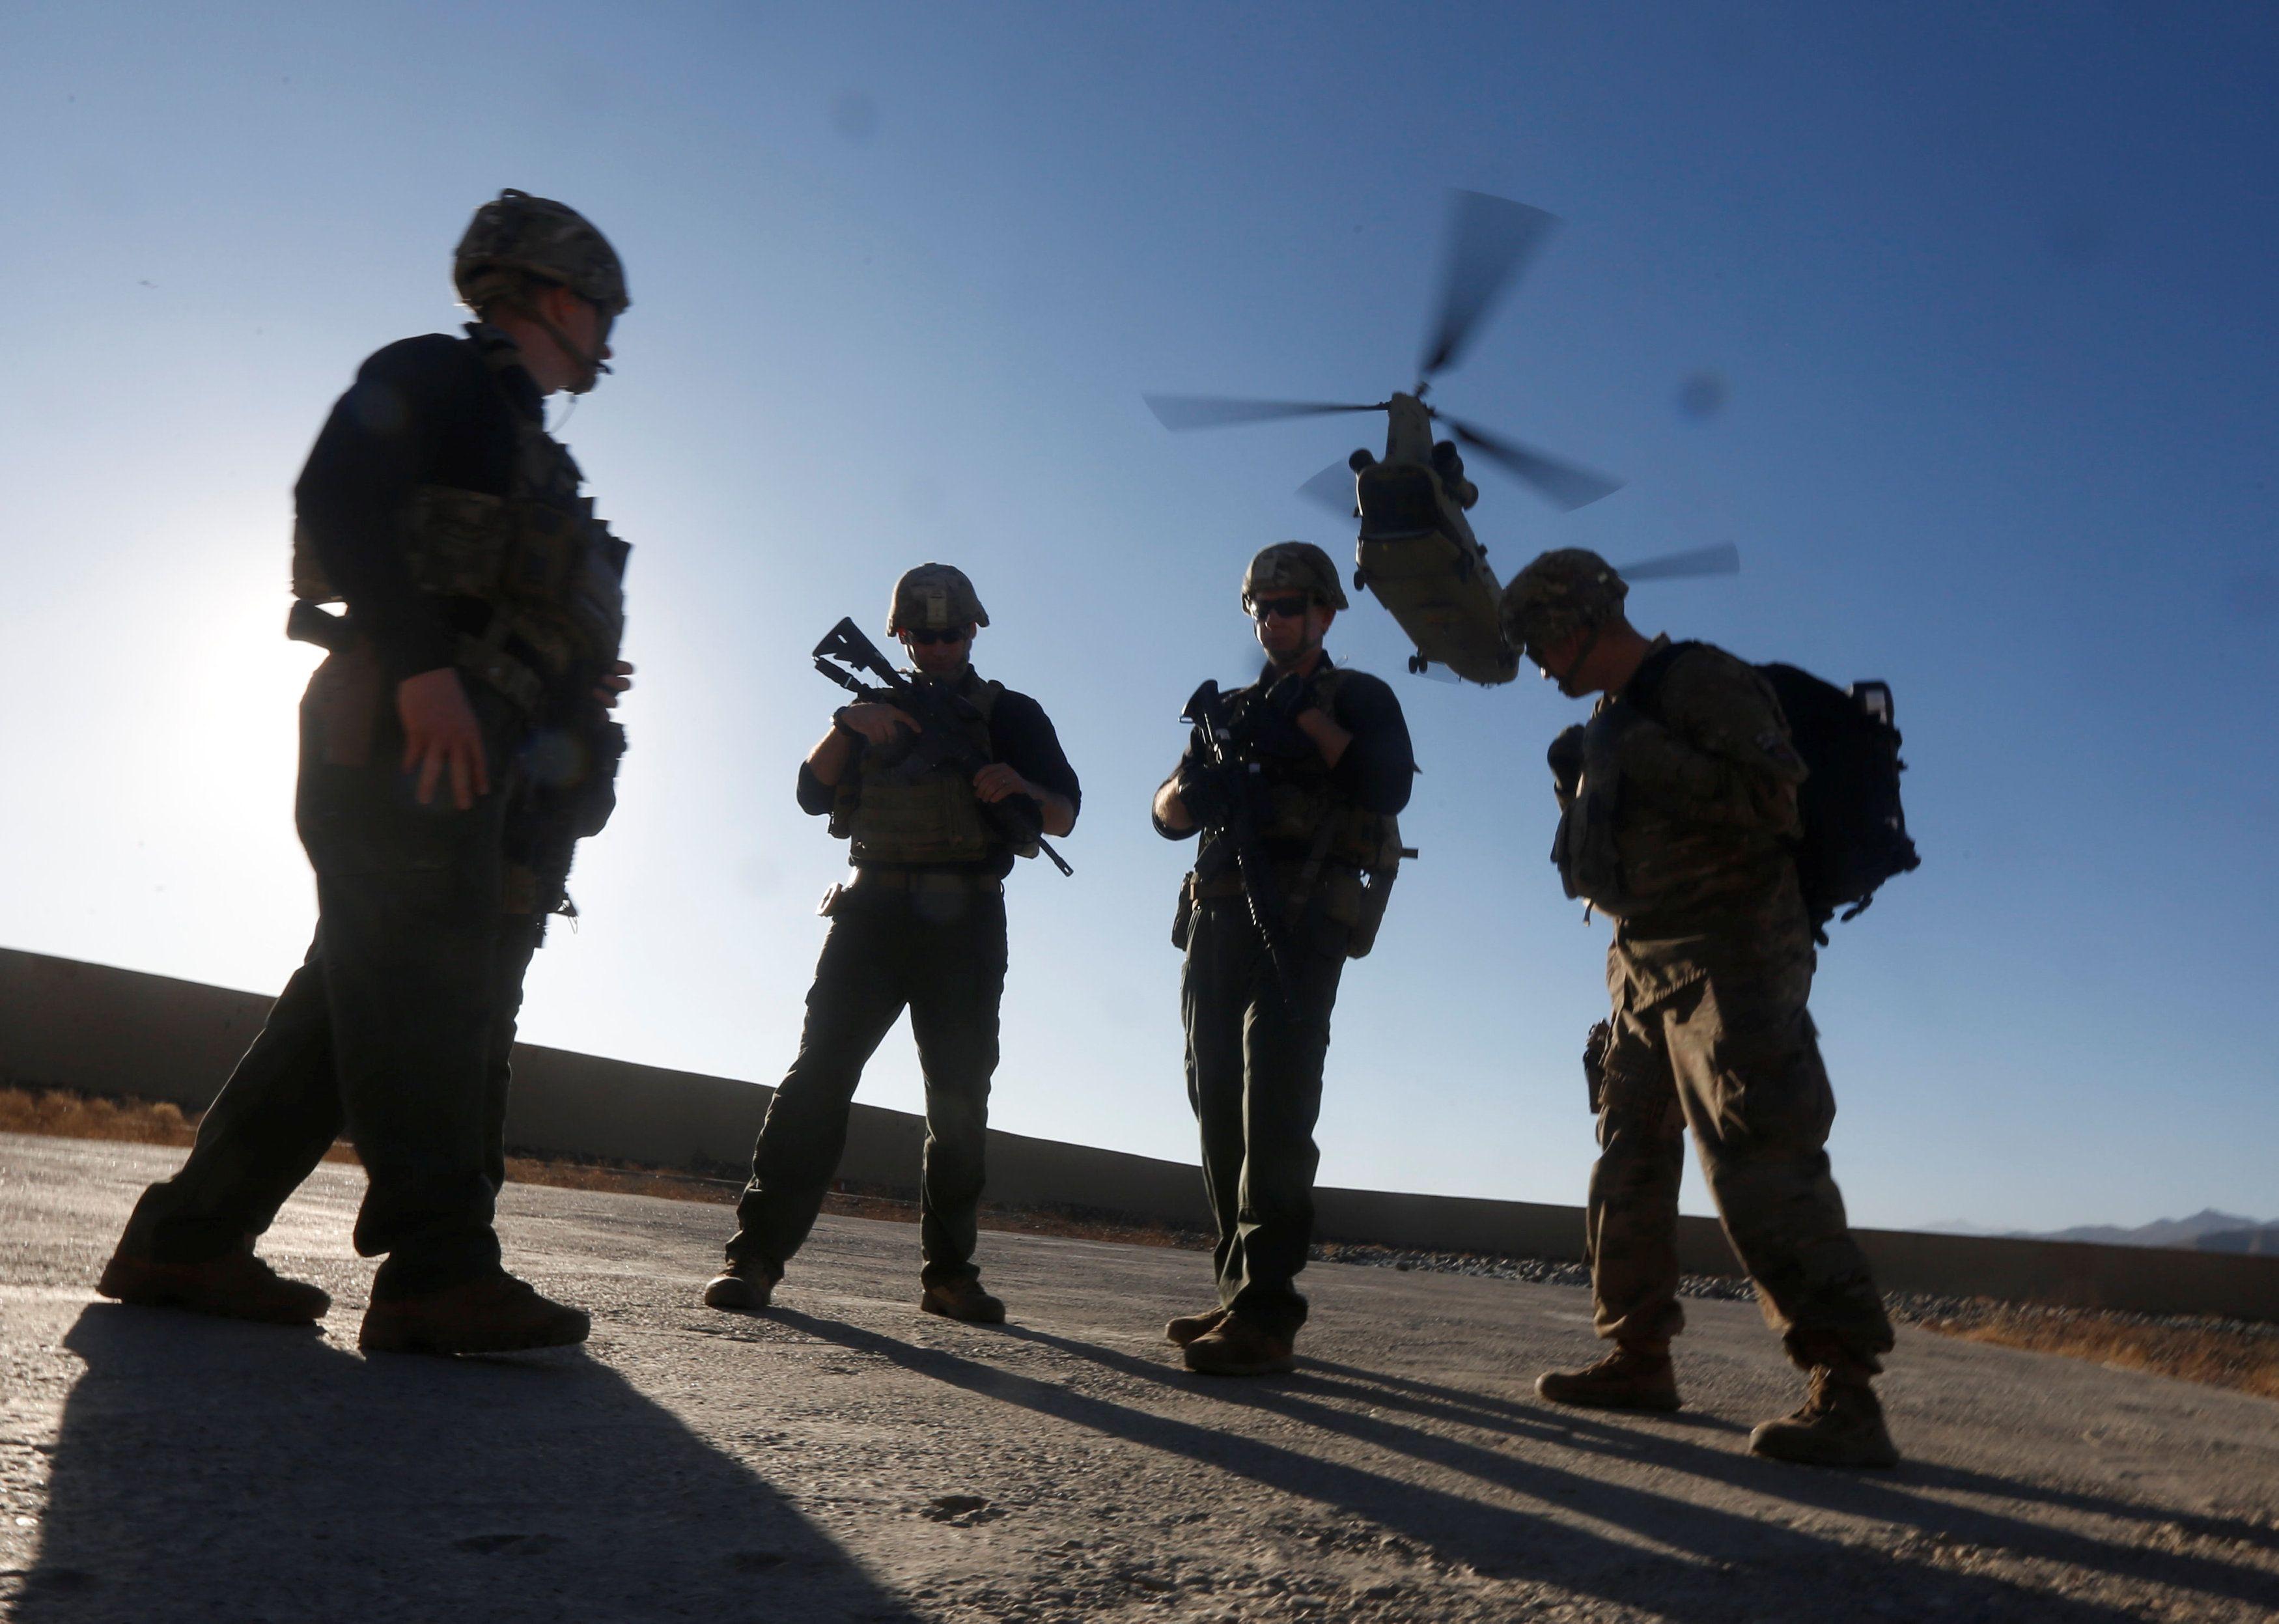 НАТО,солдаты,Афганистан